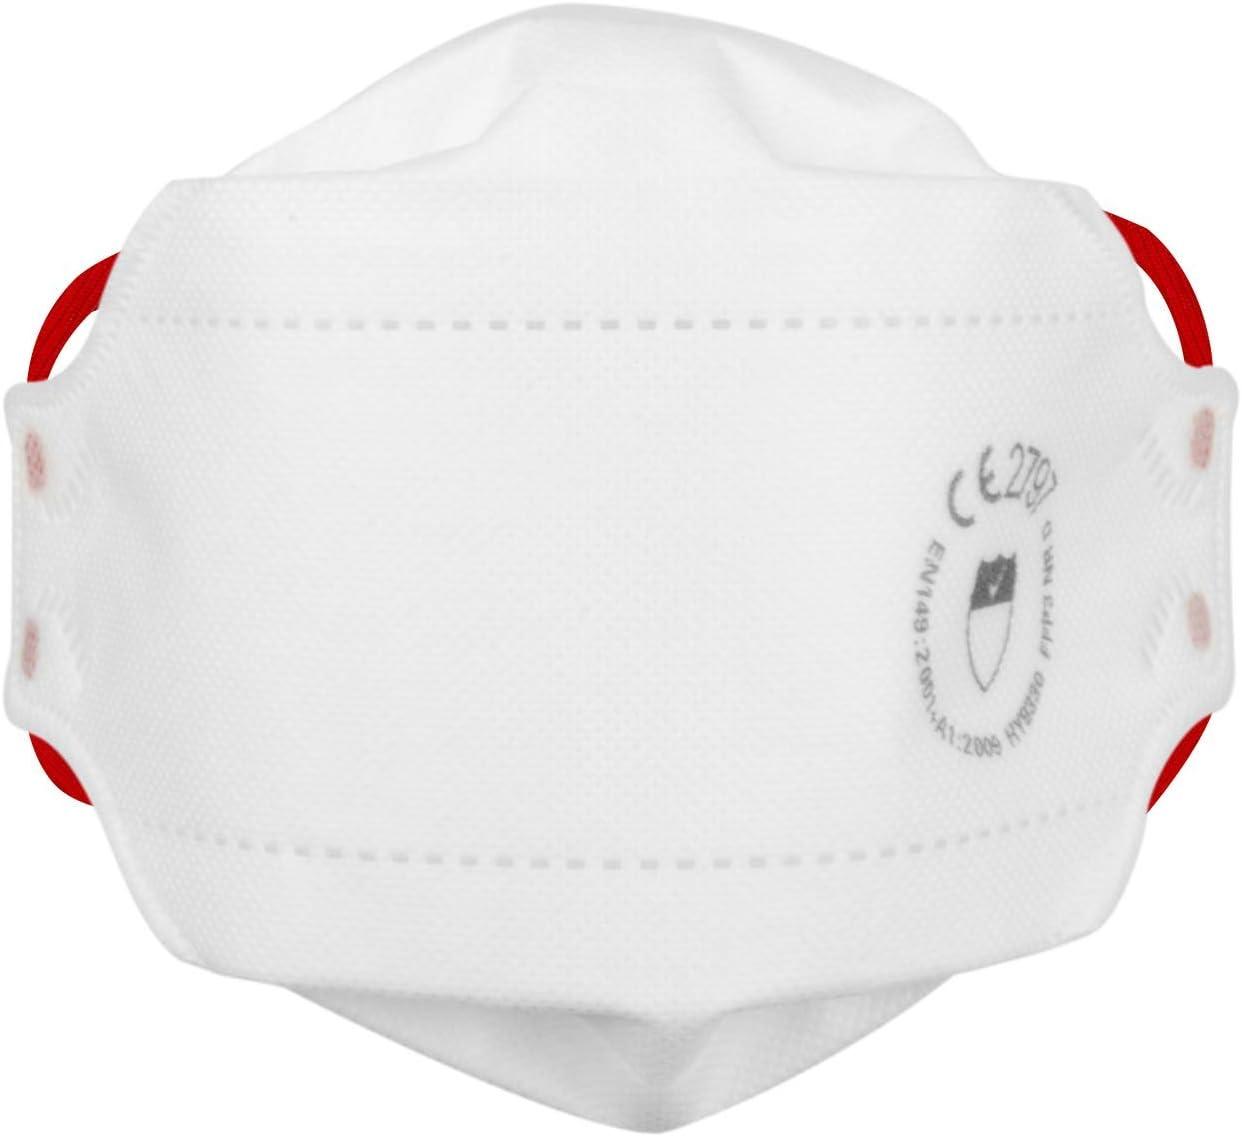 FFP3 Respirador Cara Máscaras Sin Exhalation Válvula - En 149 : 2001 Y A1:2009 Cumple, Se Puede Doblar, Blanco 4 Punto Diadema Con Acolchado Forro para Mayor Comodidad Y Seguridad (Paquete De 5)